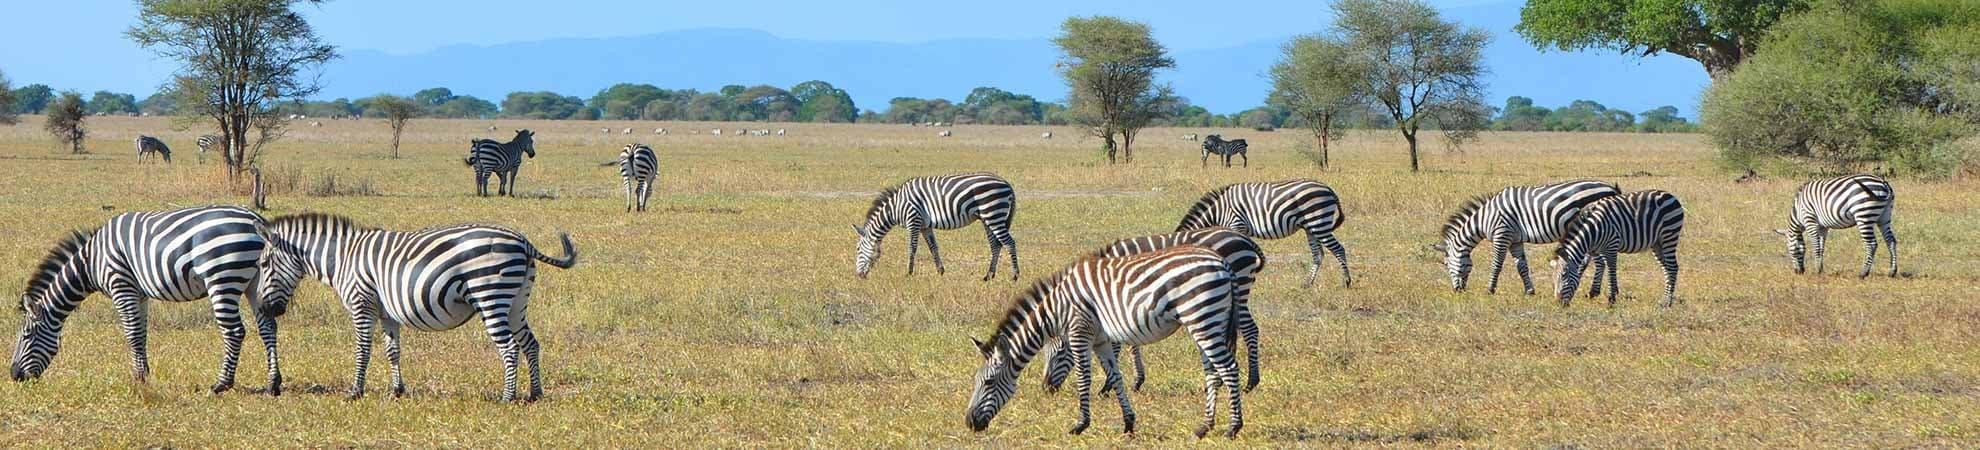 Voyage Les Grands Parcs - Tanzanie